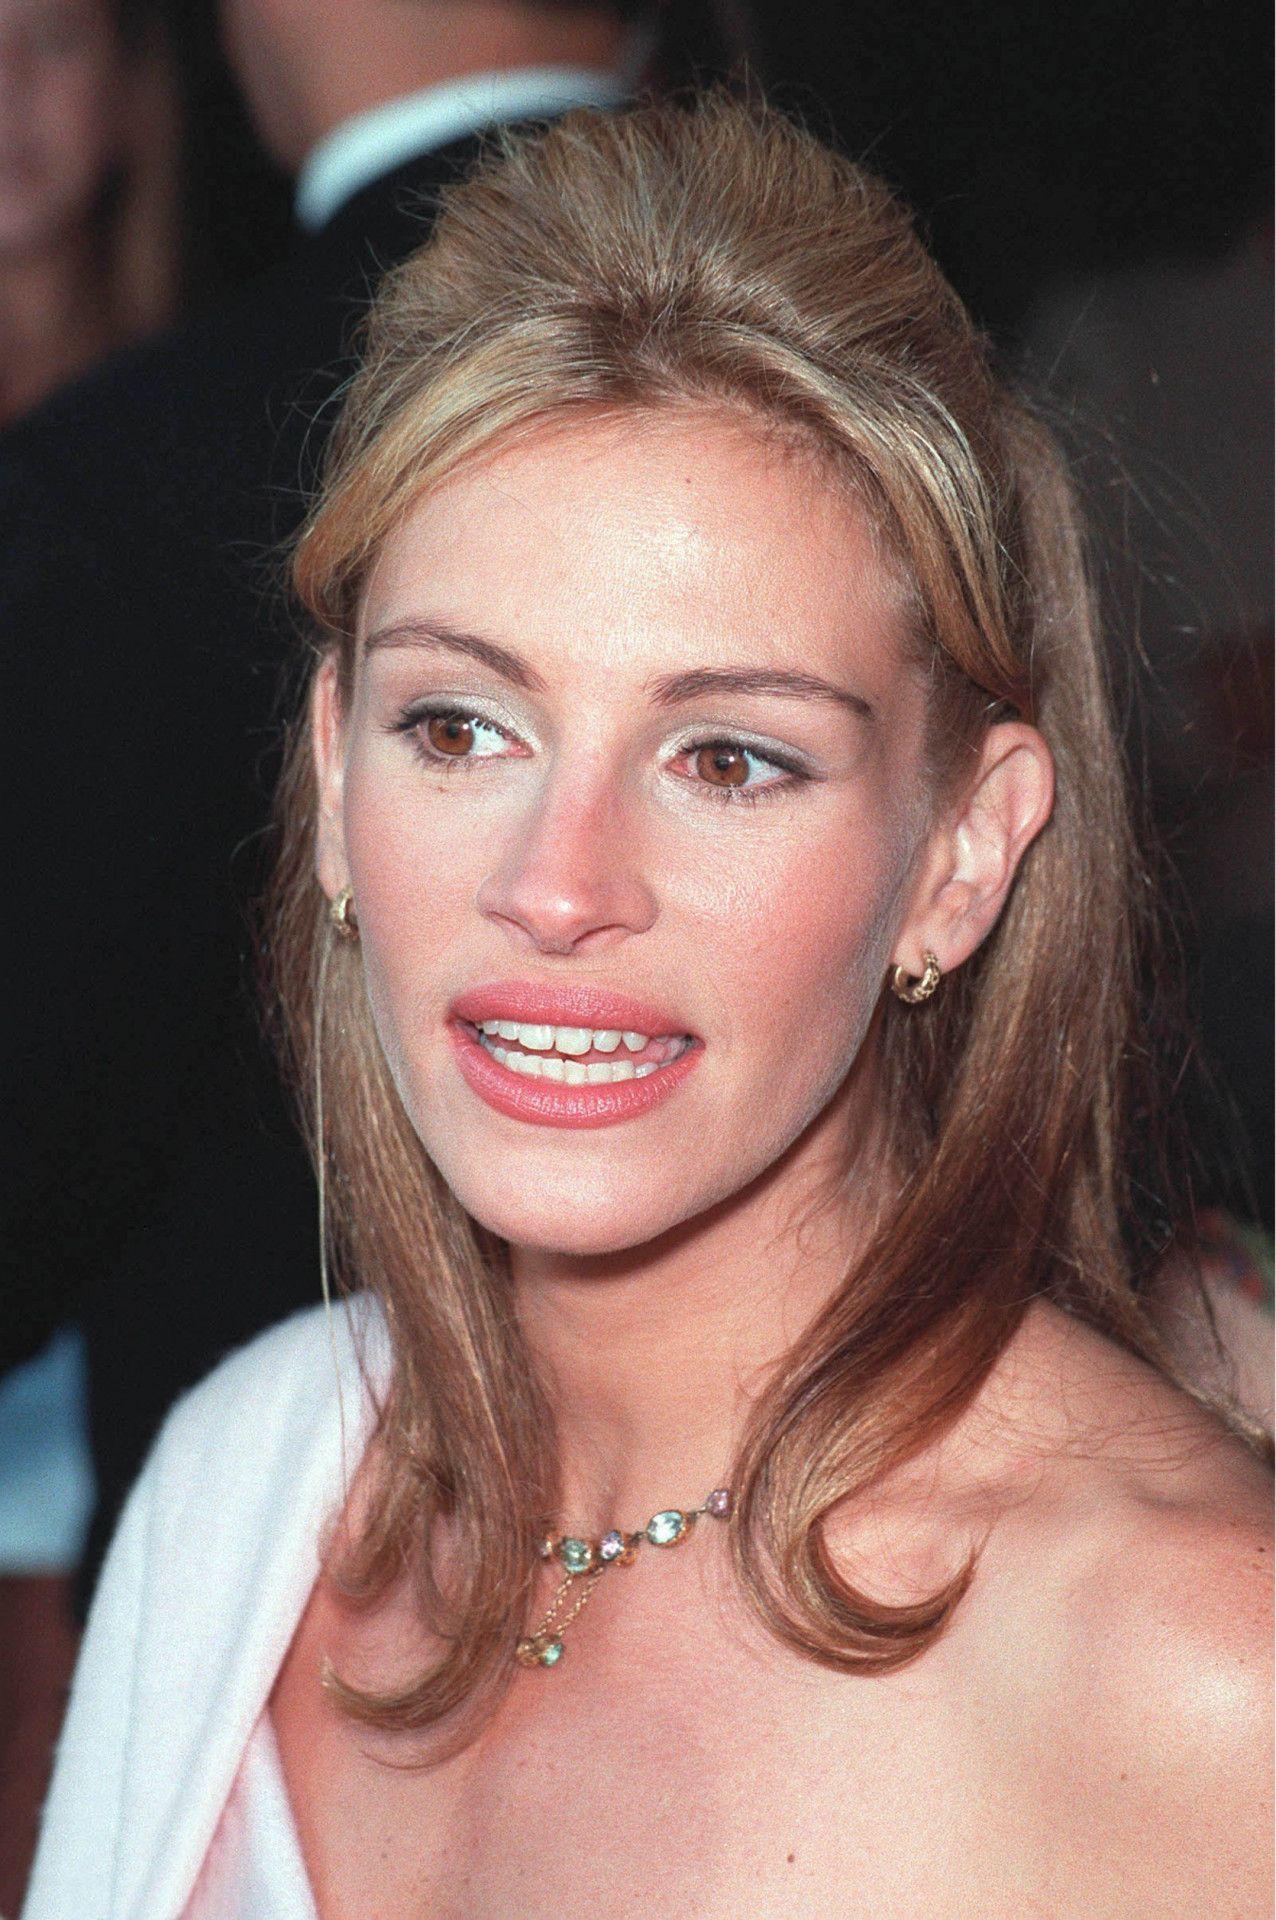 """Ihren Durchbruch hatte Roberts mit der Rolle der Prostituierten Vivian in """"Pretty Woman"""", für die sie eine Gage von 300.000 US-Dollar erhielt."""